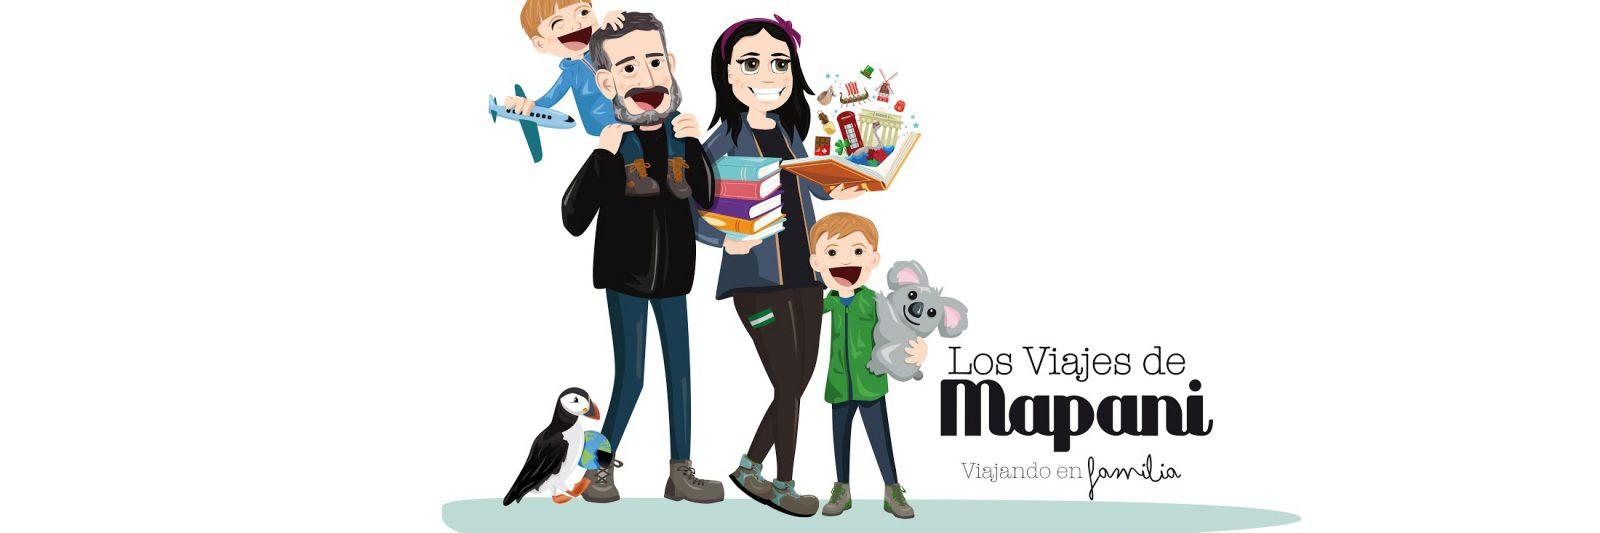 Imagen del Blog Los Viajes de Mapani